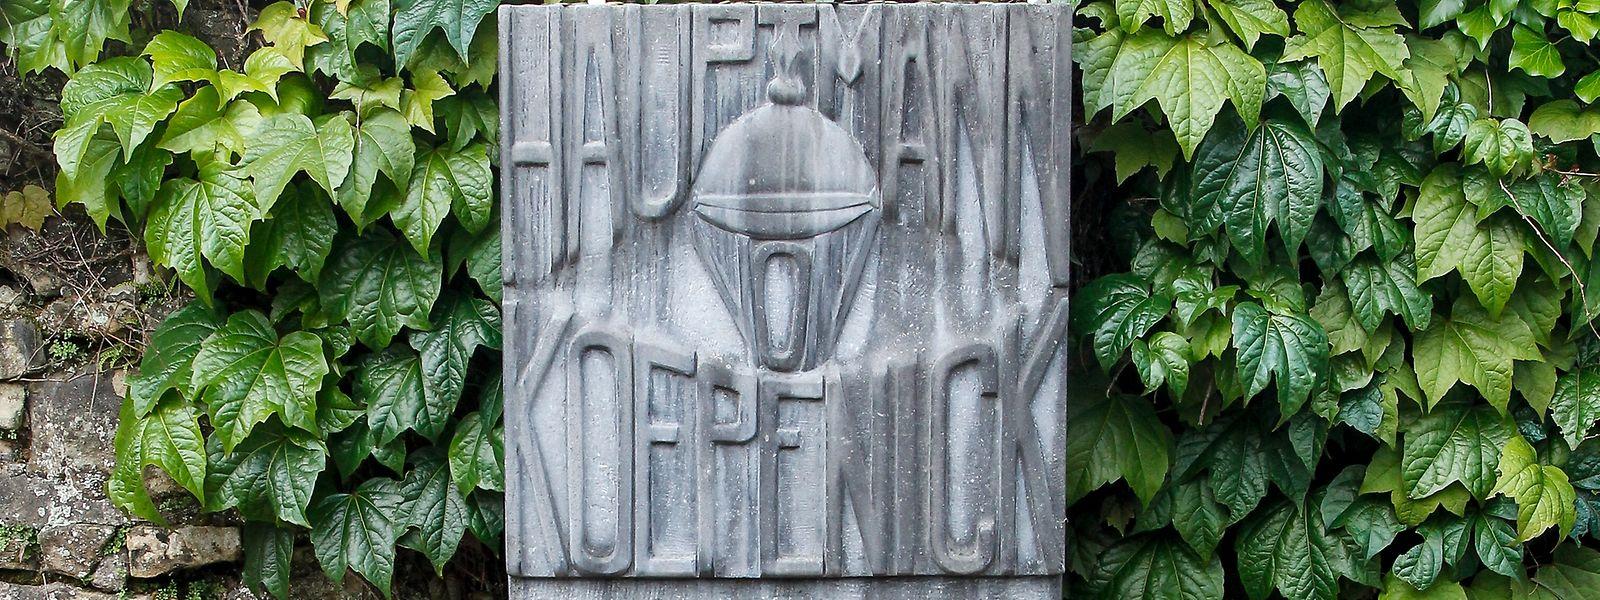 Den Grabstein des Hauptmanns von Köpenick, alias Wilhelm Voigt, auf dem hauptstädtischen Friedhof Notre-Dame schmückt neben einem Schriftzug auch eine eingemeißelte Pickelhaube.